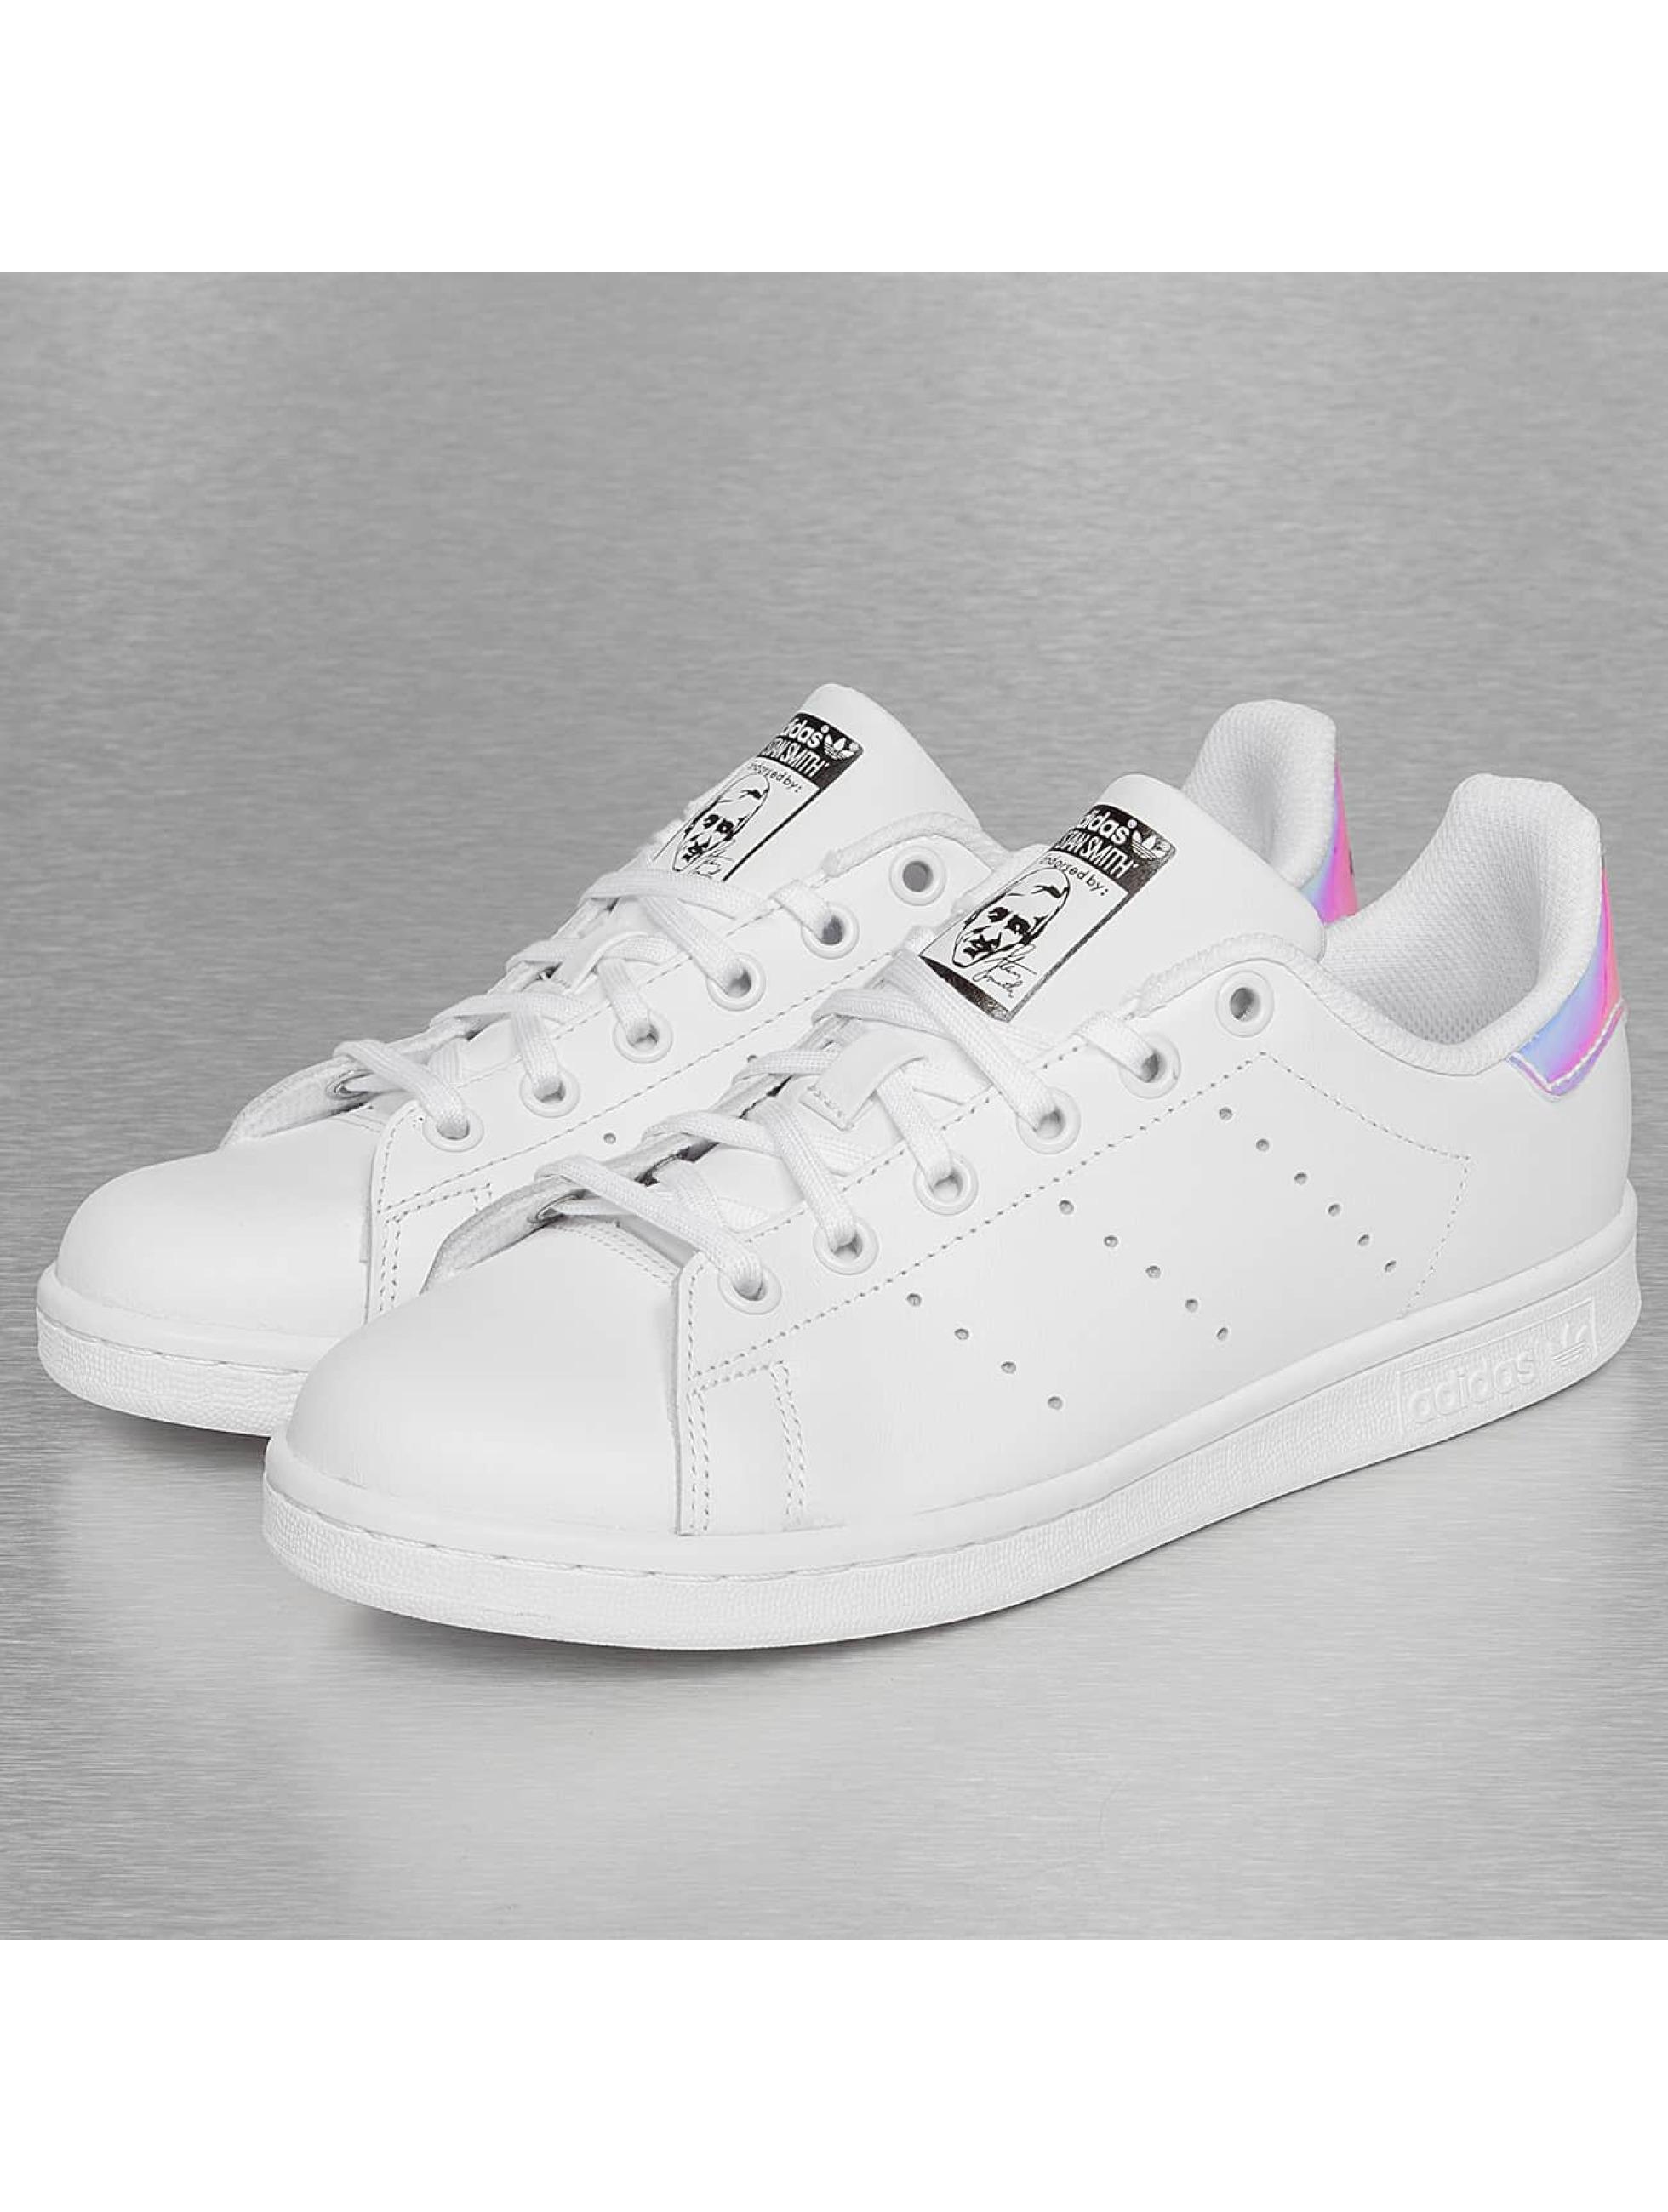 Weisse Nmds Hier Der Weiae Schuh Schuhe Waschen Adidas Nmd